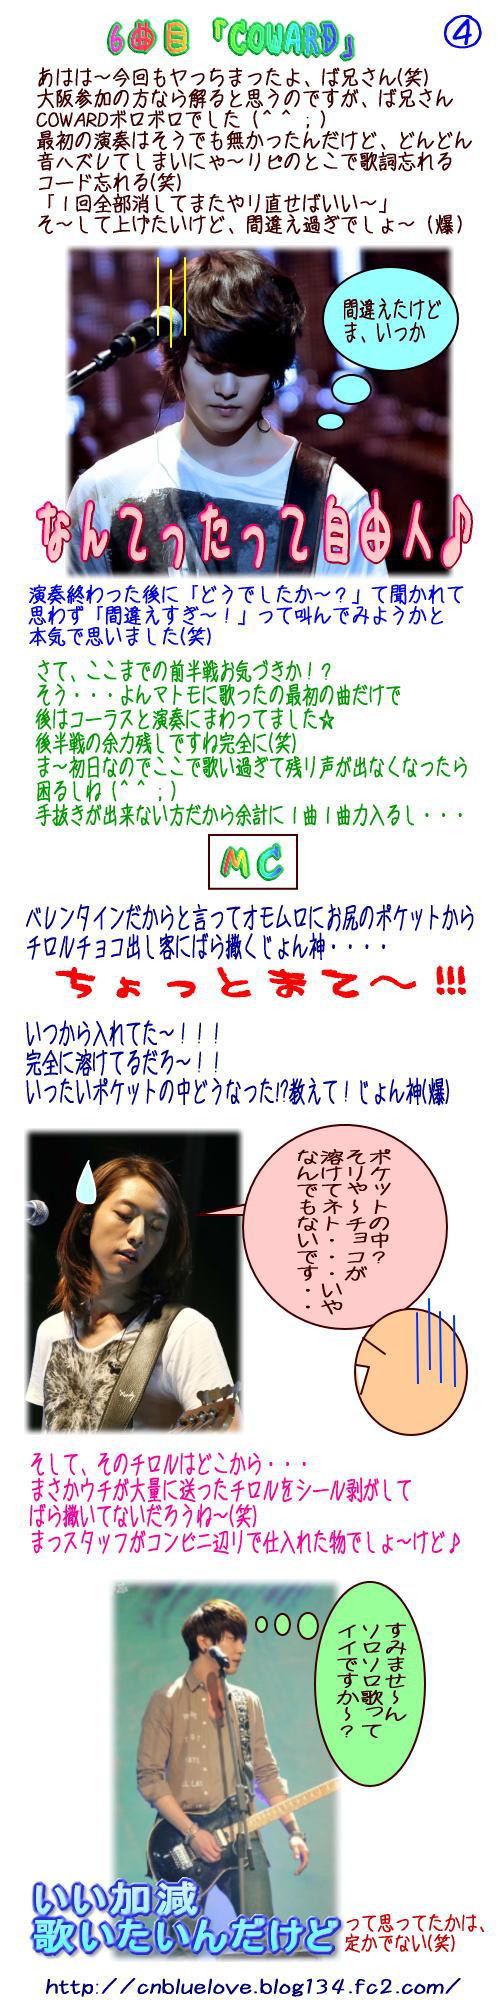 2012.01.13なんばHatch-4